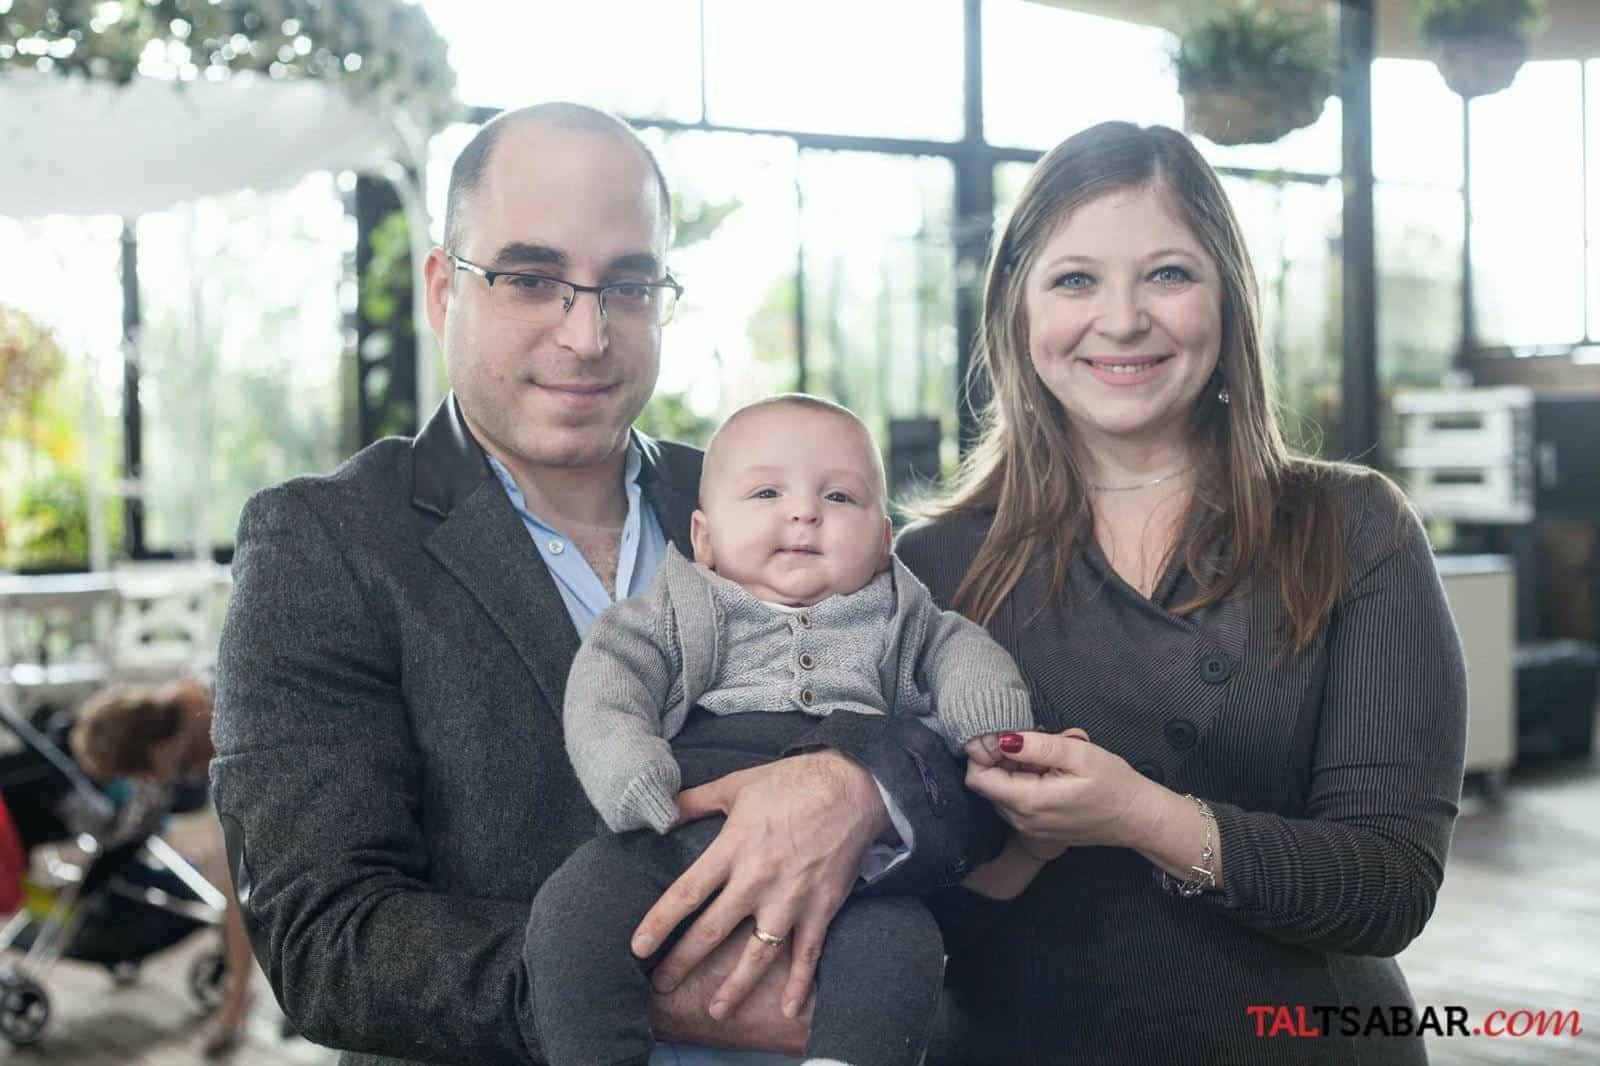 רגינה פרייס, בעלה יאיר והבן איתן. צילום: טל צבר